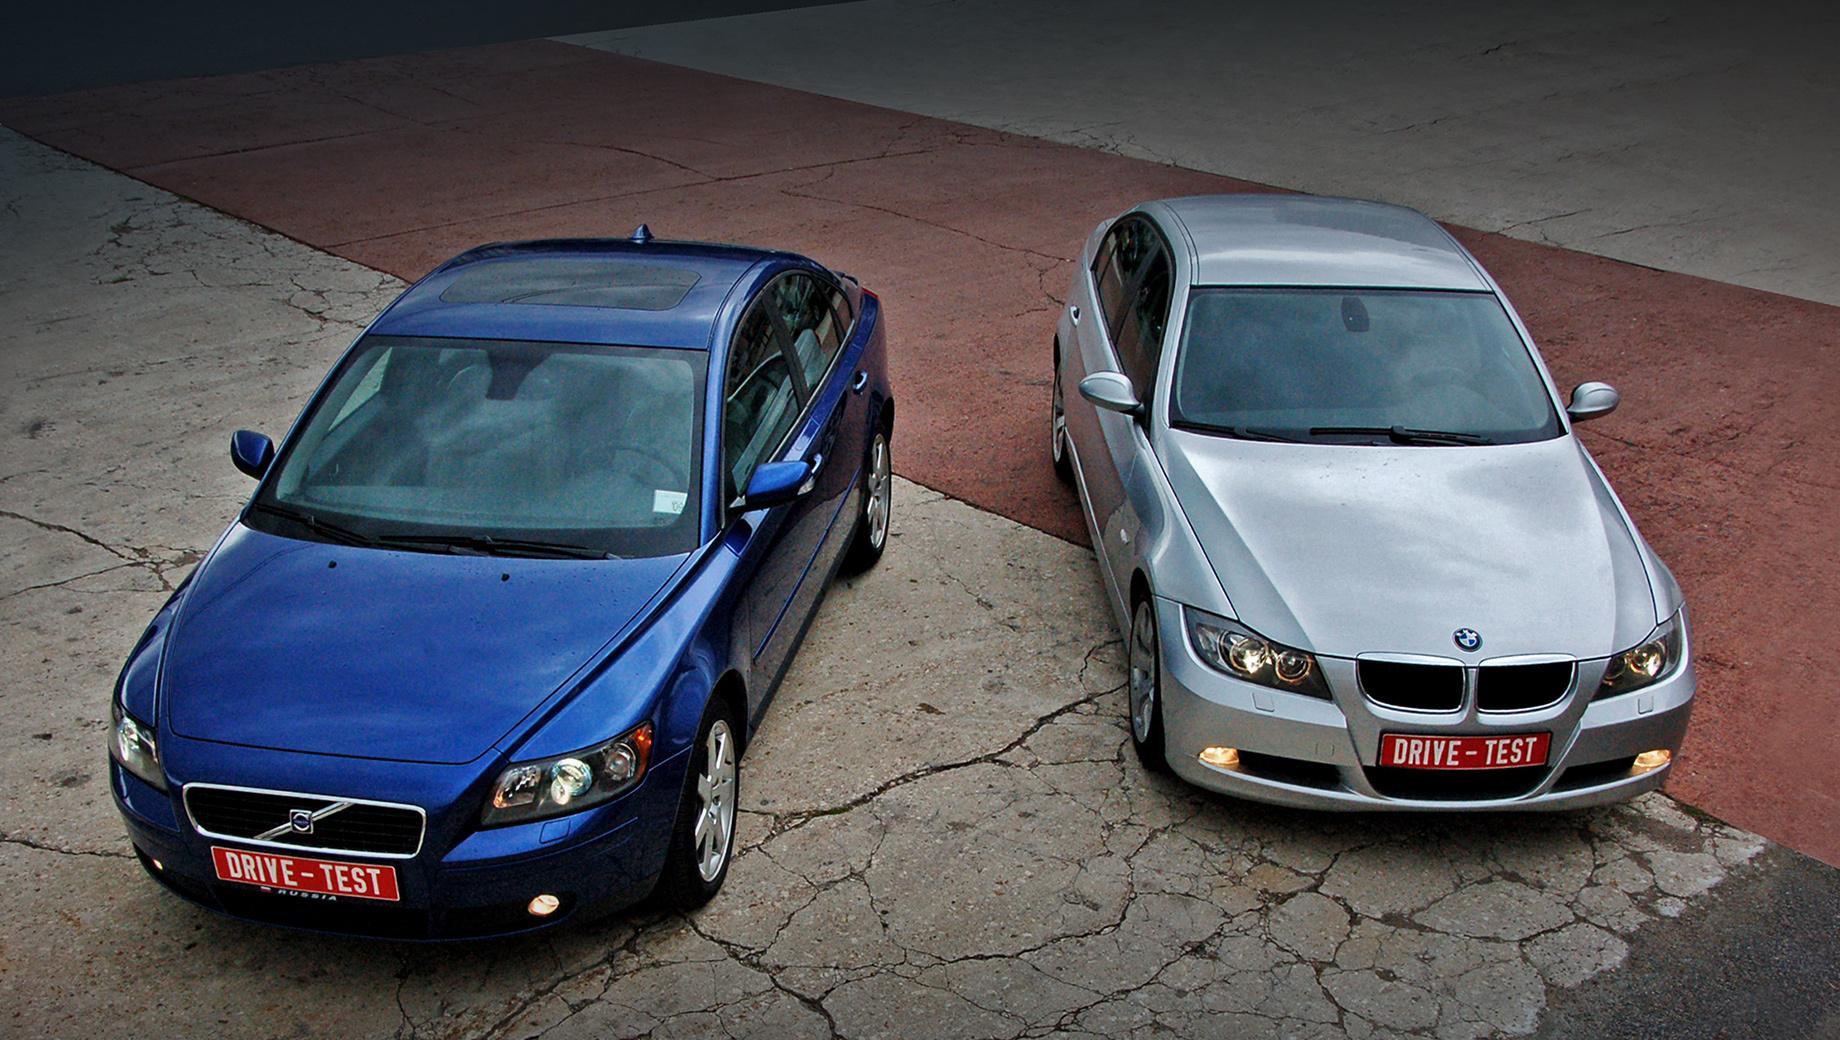 Bmw 3,Bmw _320_vs_volvo_s40,Volvo s40,Volvo bmw_320_vs__s40. Являясь конкурентами, эти автомобили имеют совершенно разные характеры. BMW подчёркнуто спортивна, а Volvo, хоть и превосходит её в динамике, намного более спокойна.